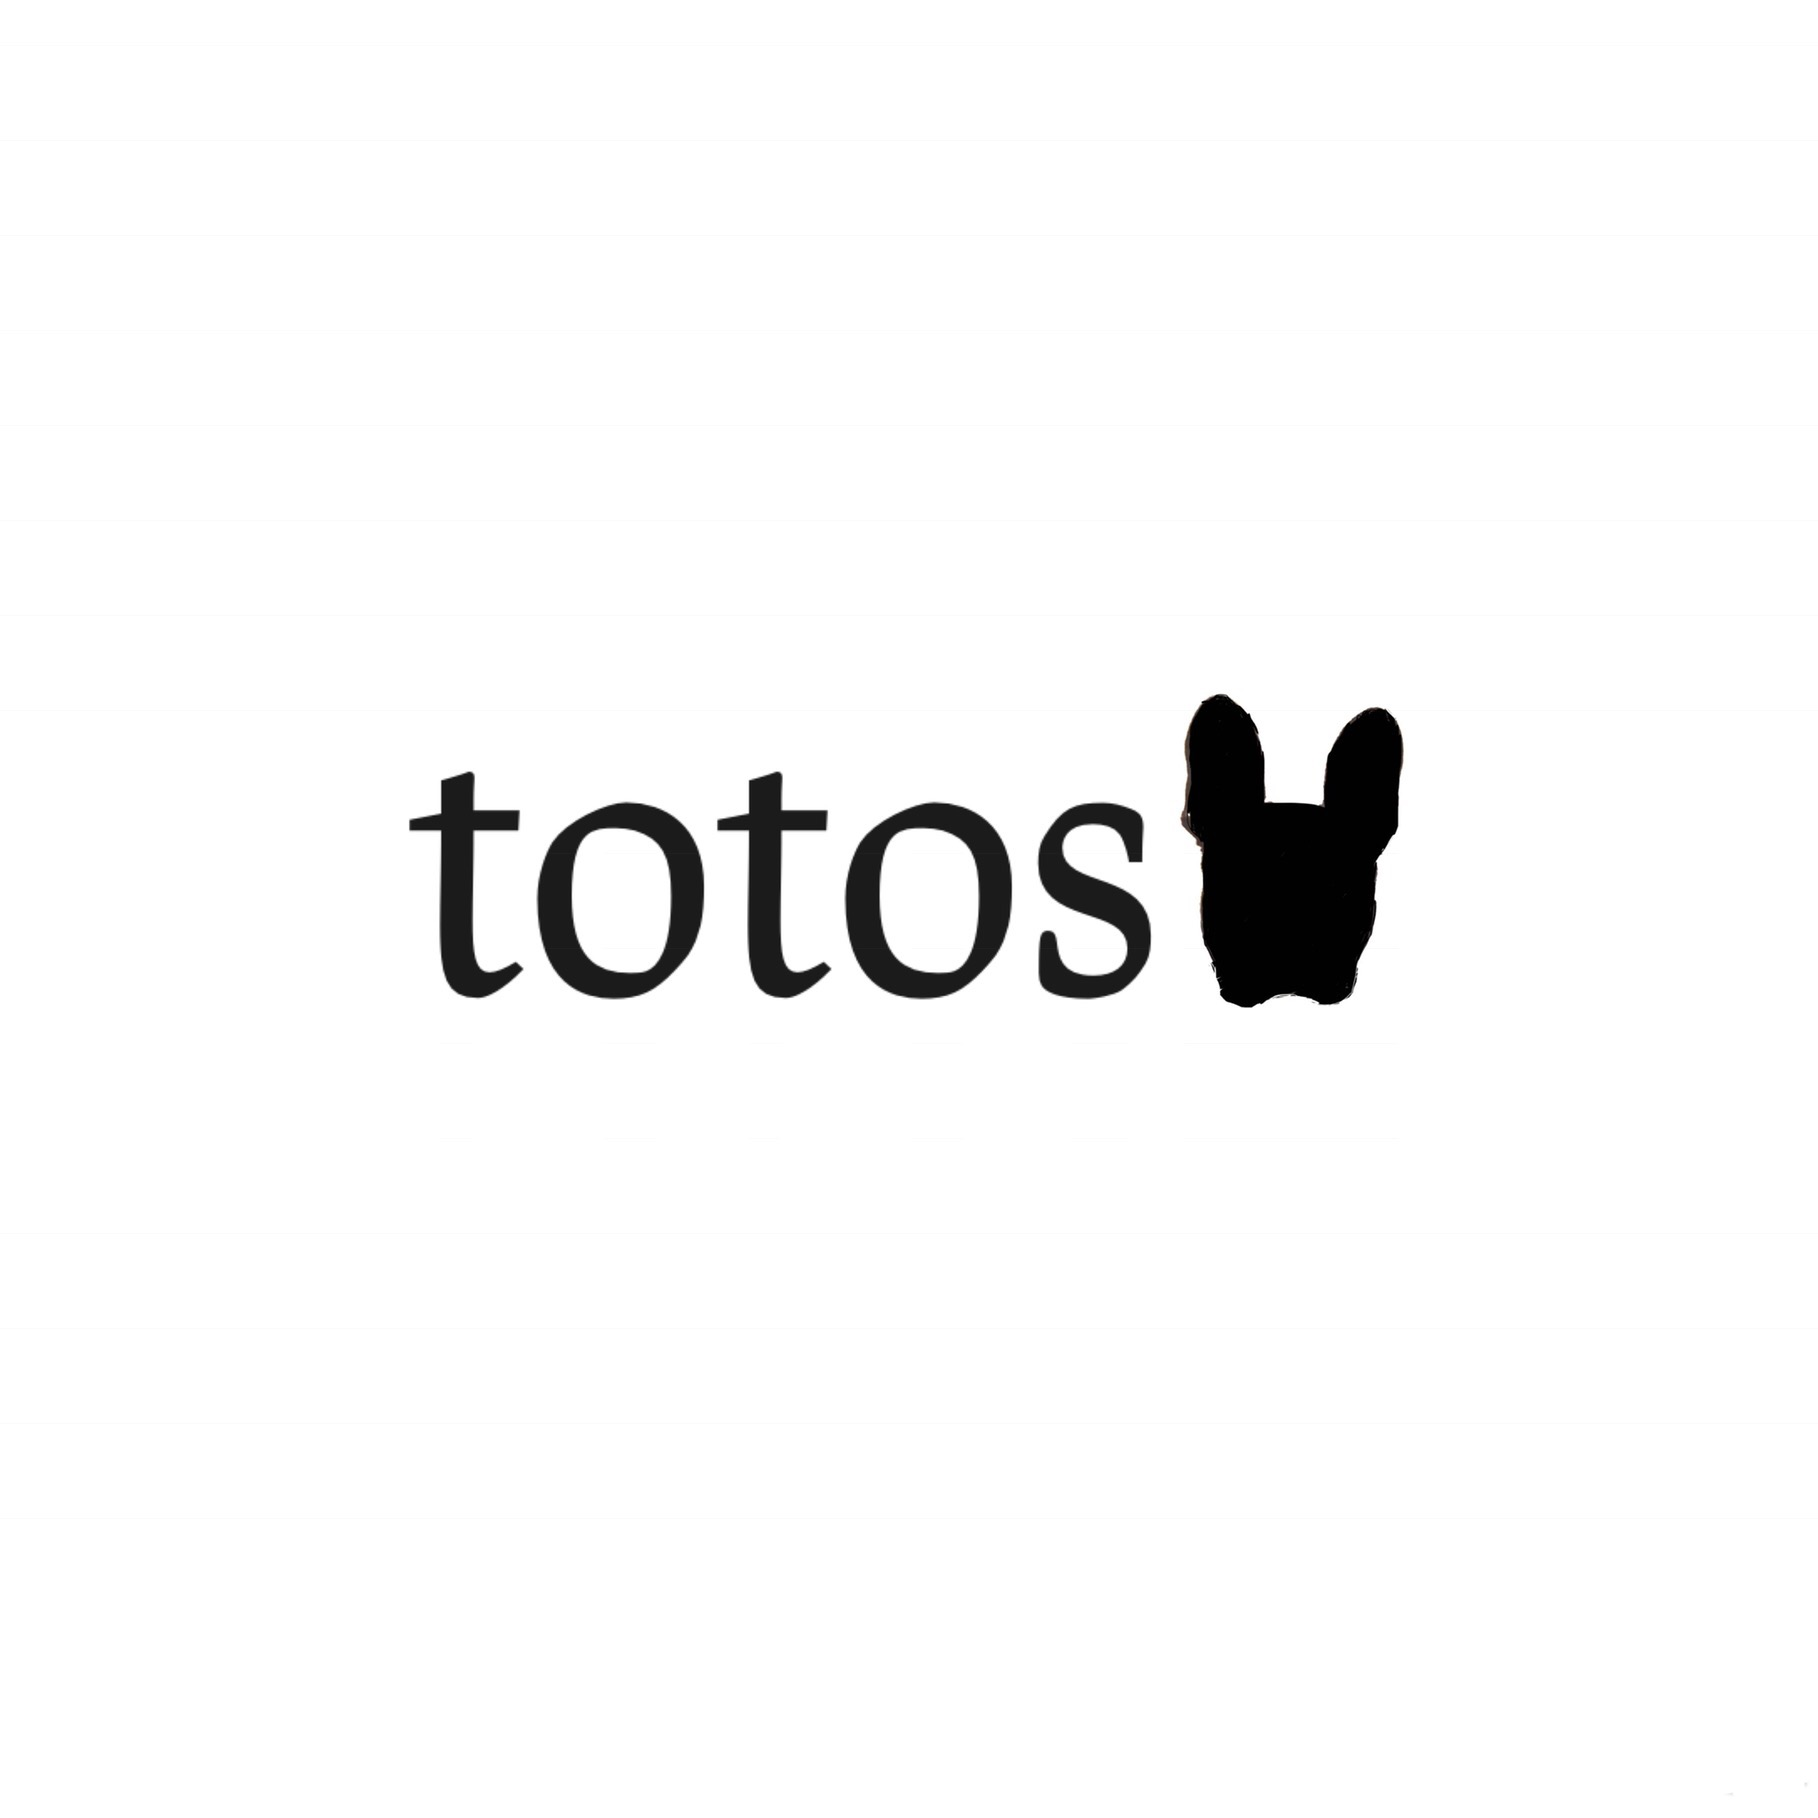 totos